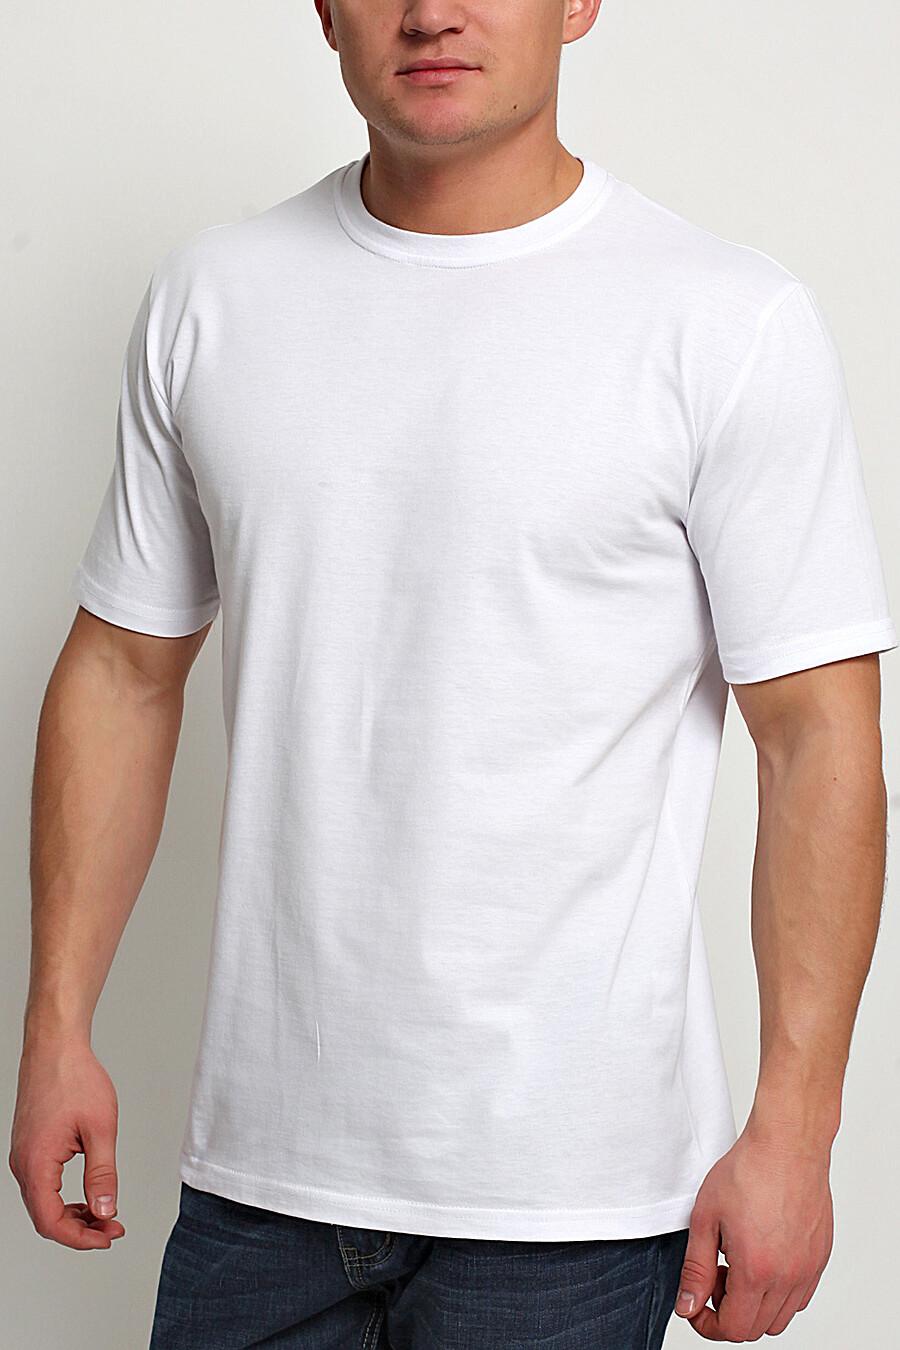 Футболка для мужчин CLEVER 164193 купить оптом от производителя. Совместная покупка мужской одежды в OptMoyo